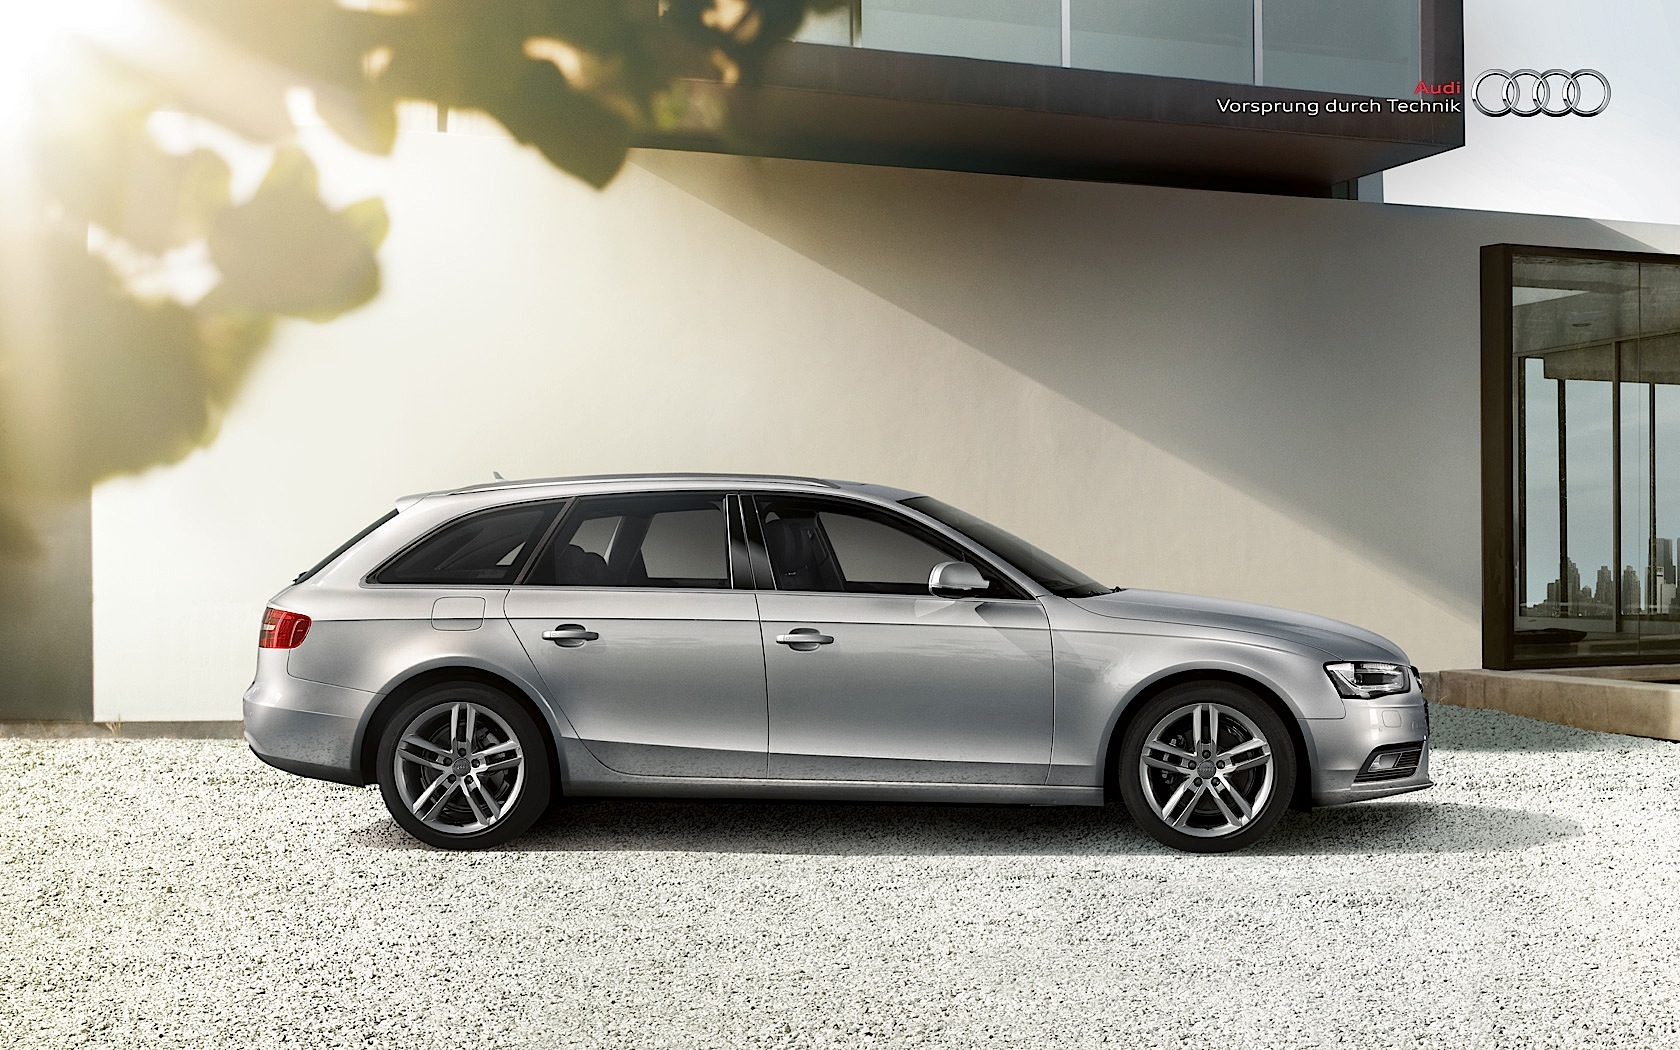 Kelebihan Audi A4 Avant 2014 Perbandingan Harga